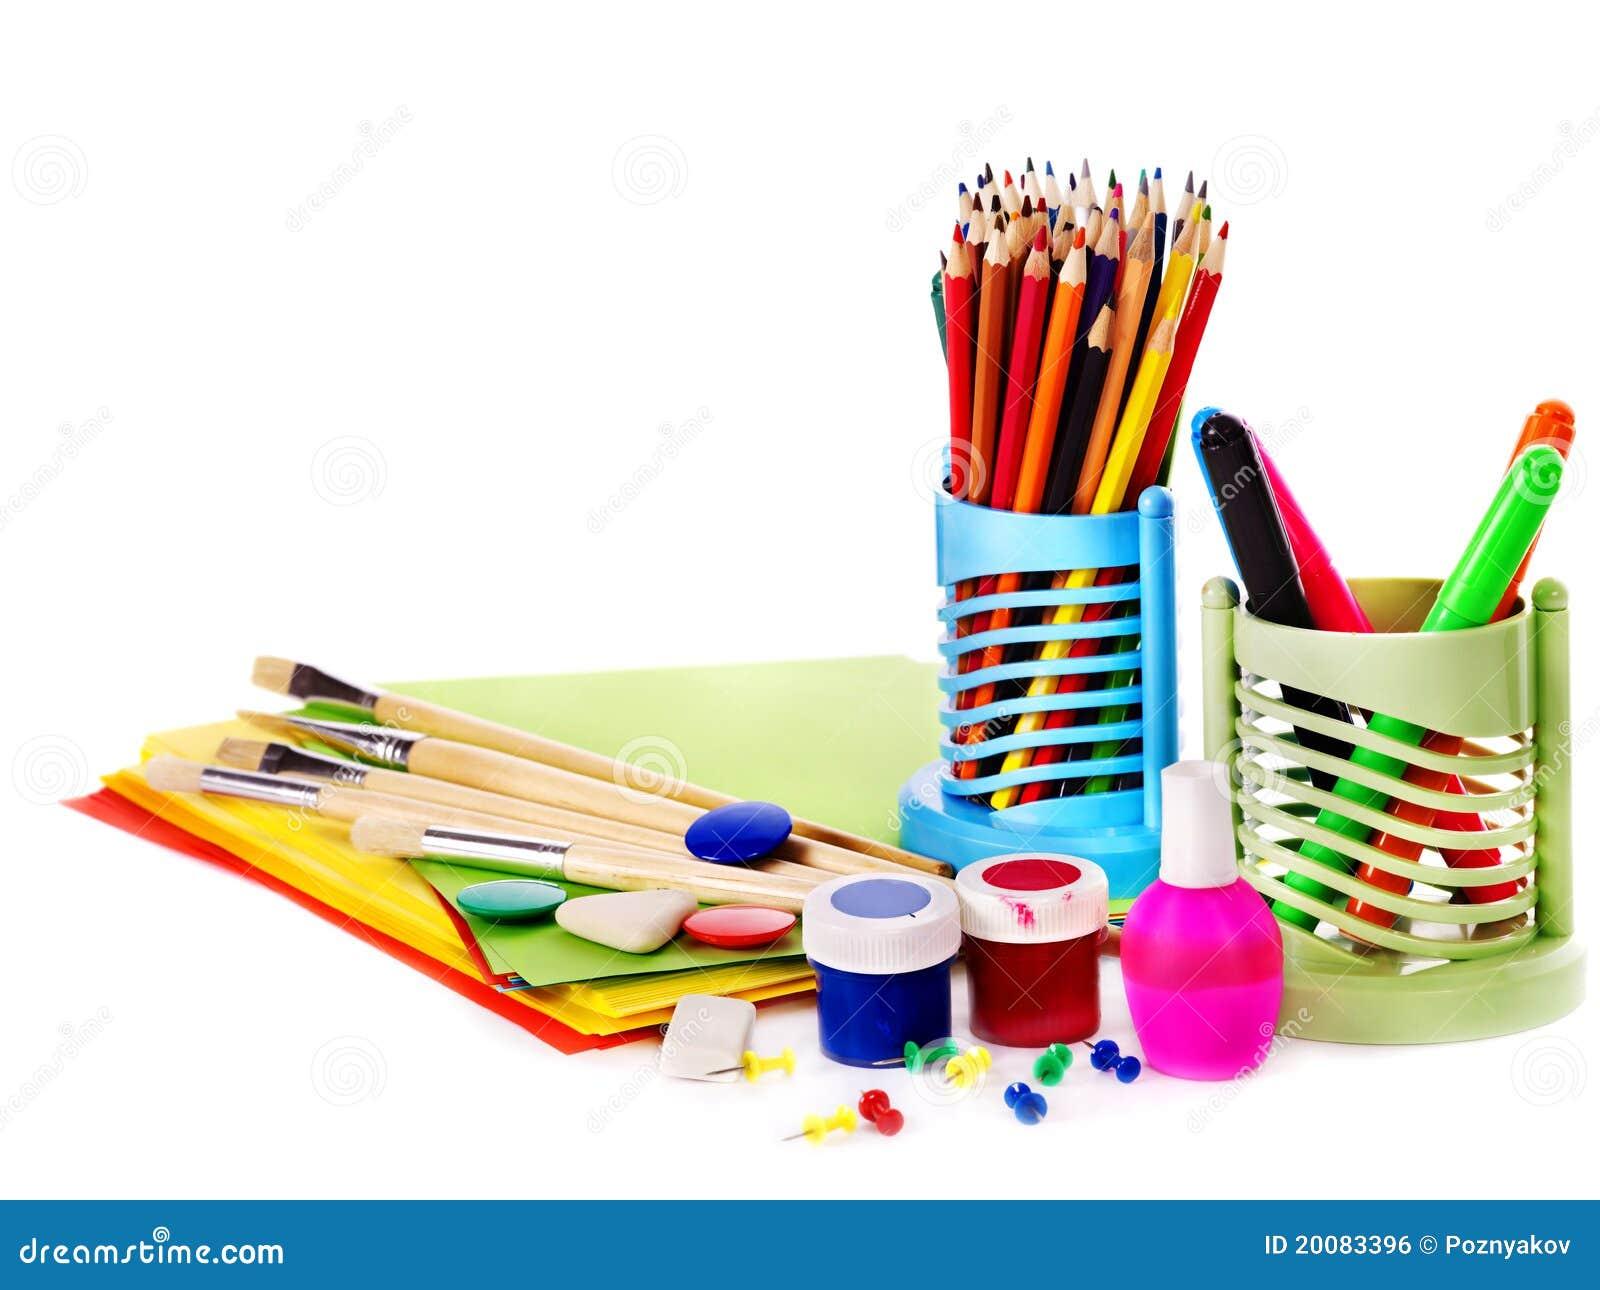 art supplies clip art - photo #48